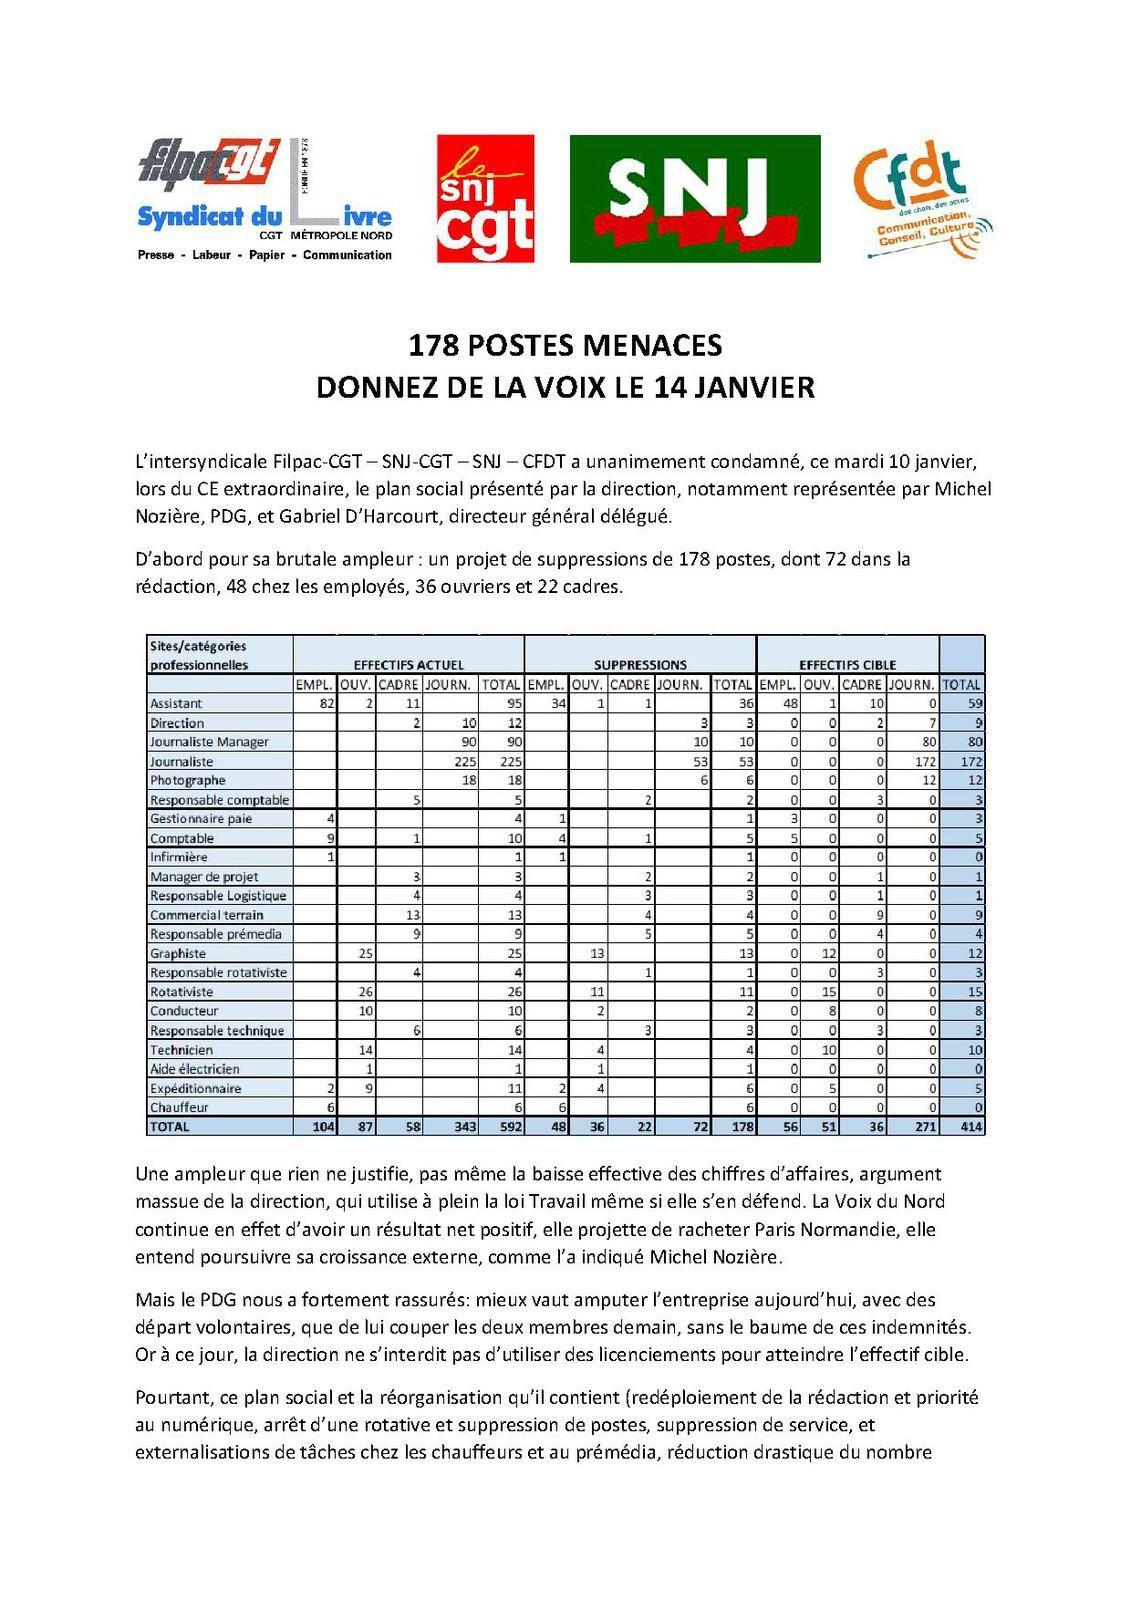 178 POSTES MENACES, DONNEZ DE LA VOIX LE 14 JANVIER